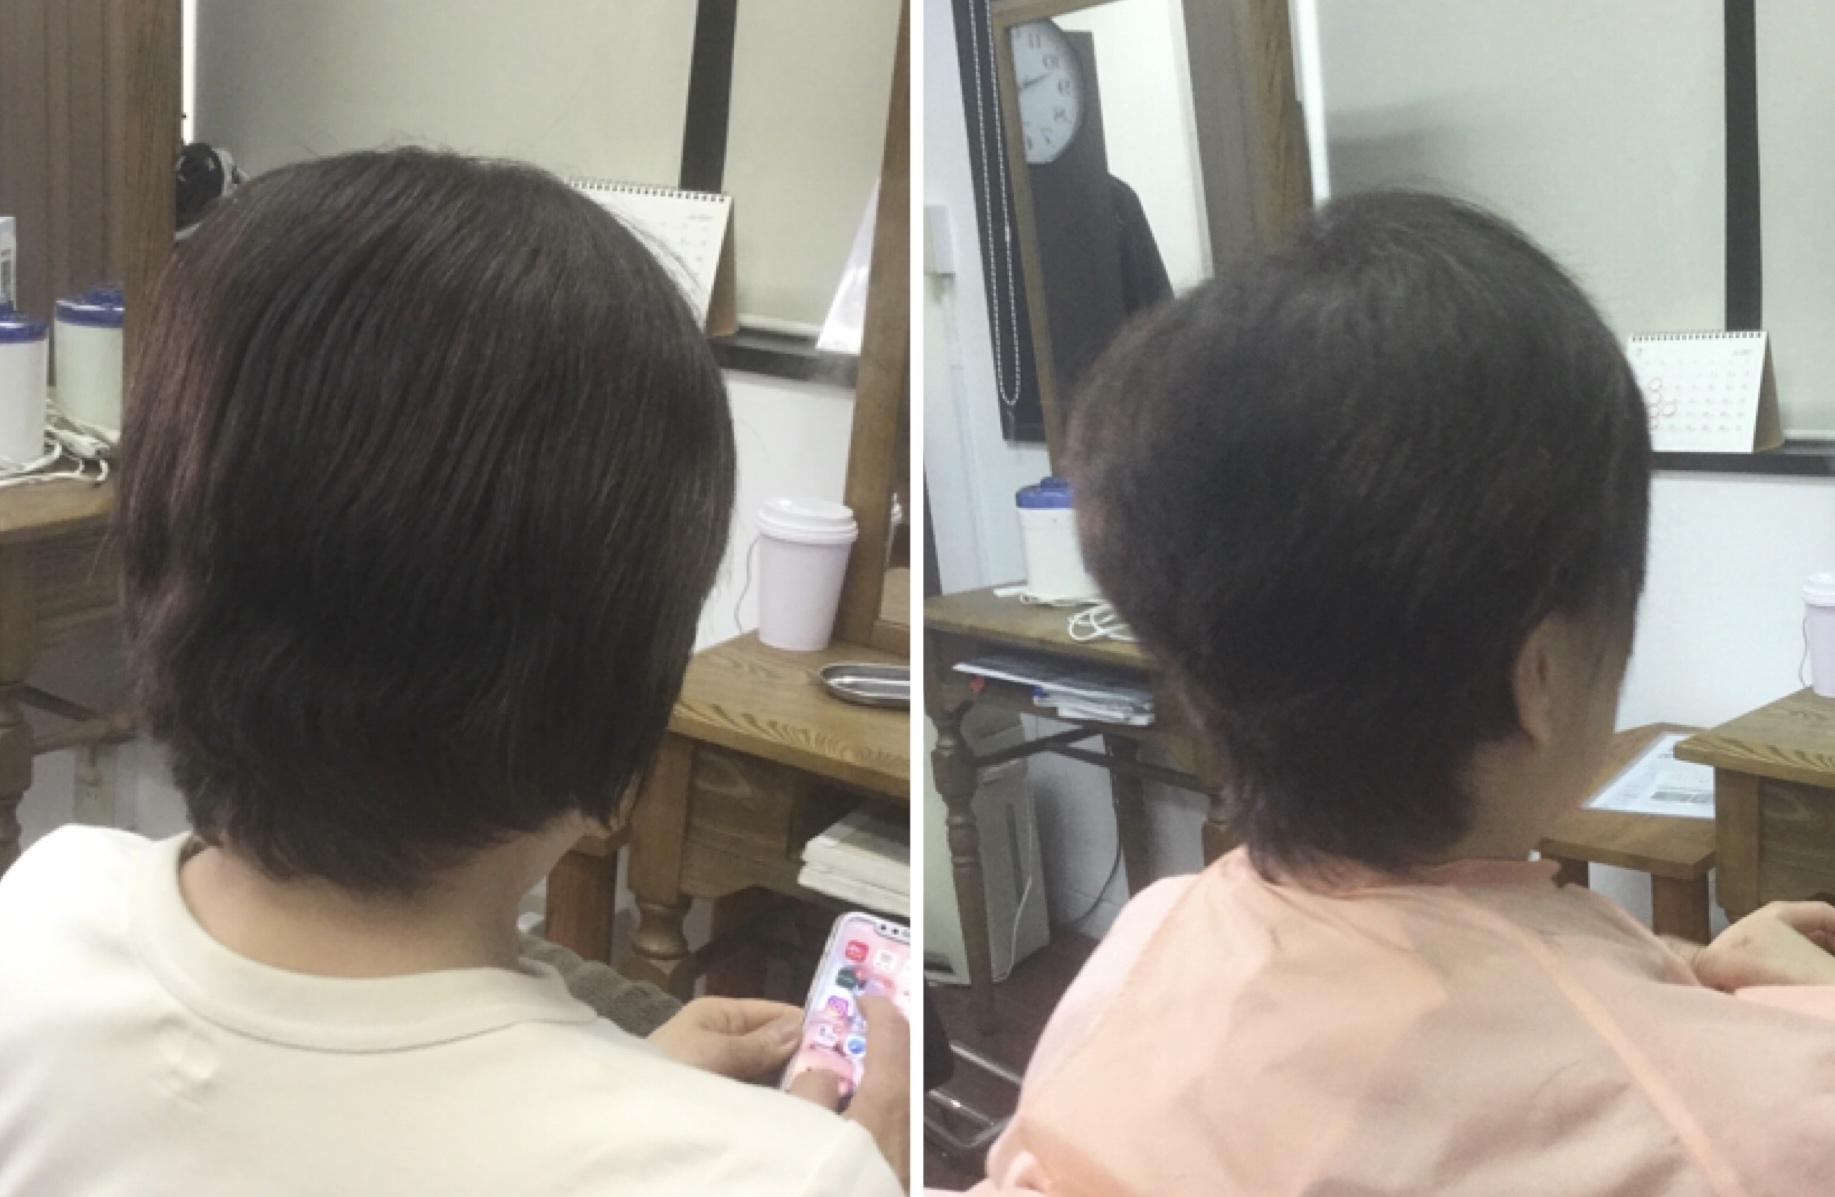 私キュビズムカット®︎で縮毛矯正やめます!神戸摂津本山美容室アバディ